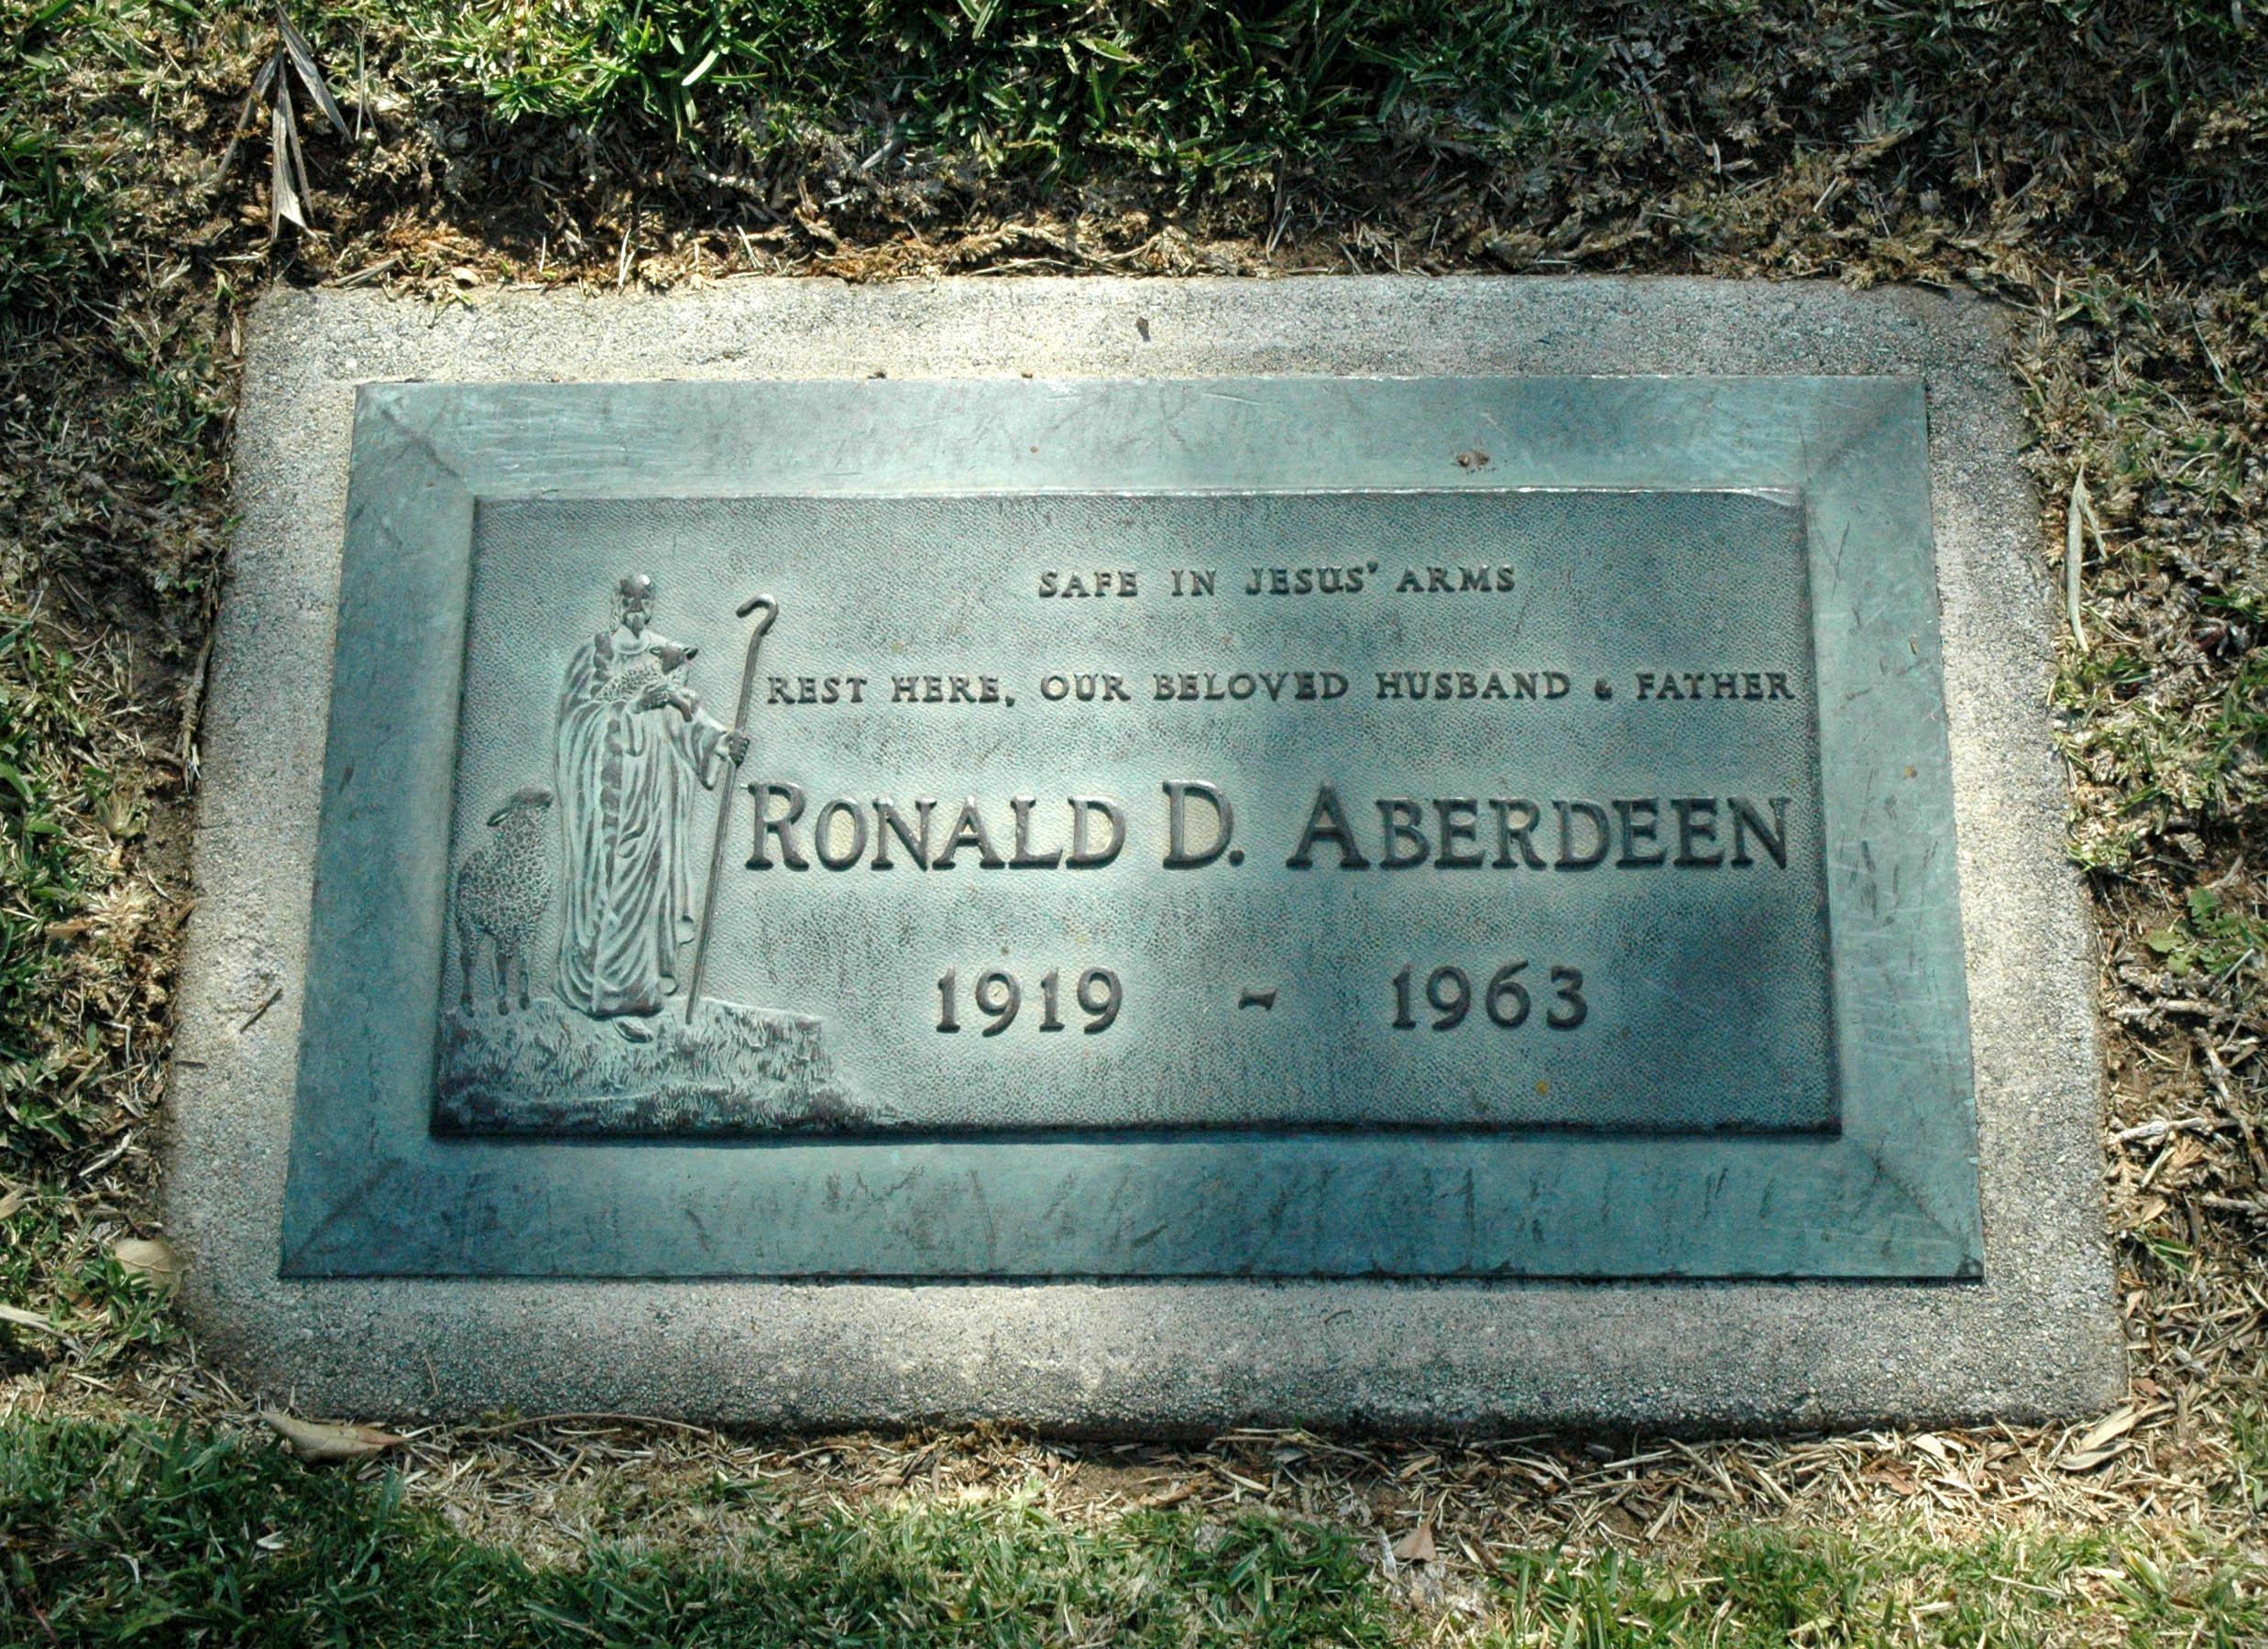 Ronald D Aberdeen